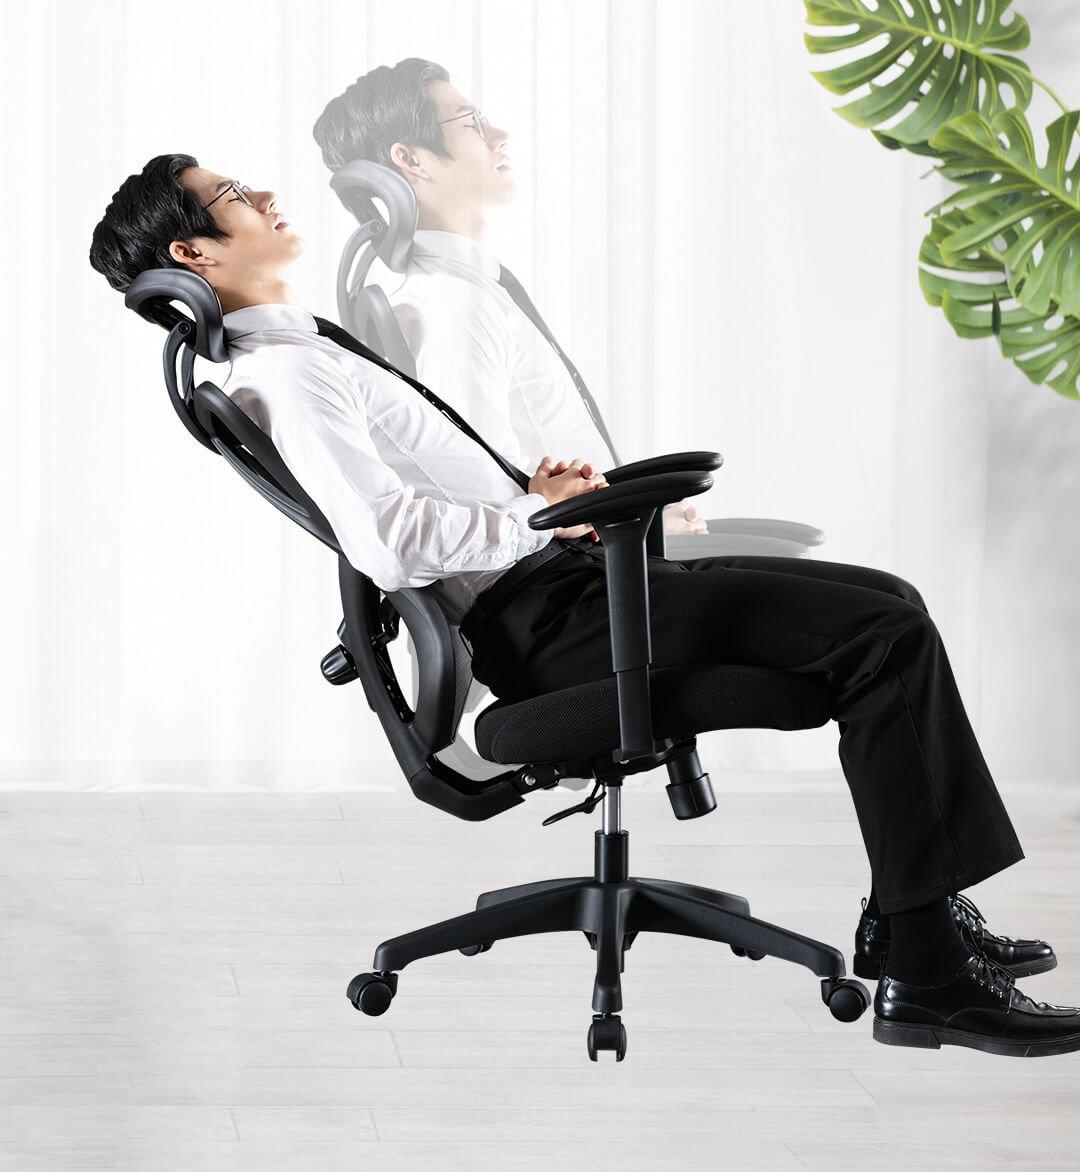 Xiaomi pone a la venta un cómoda silla de escritorio ajustable en 5 zonas. Noticias Xiaomi Adictos